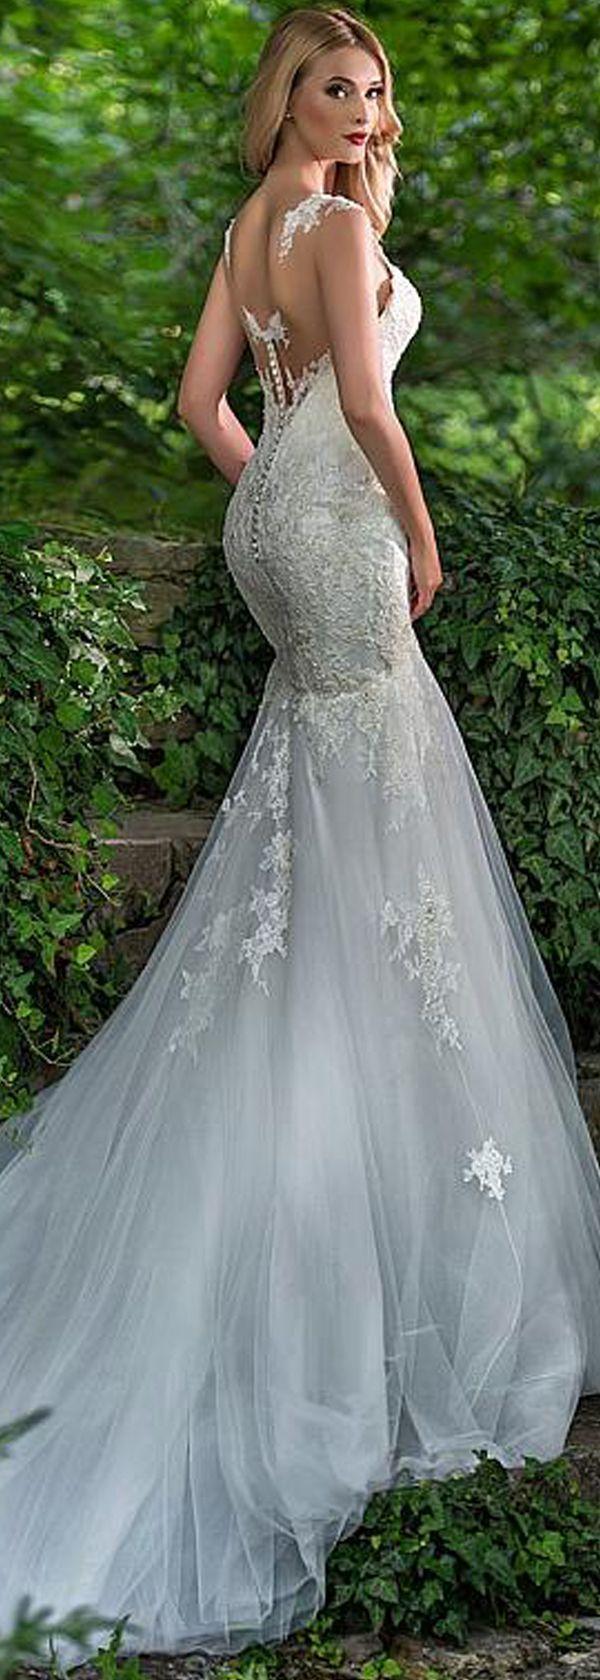 Mermaid dress wedding  Mermaid Wedding Dresses  Romantic Tulle Scoop Neckline Floorlength